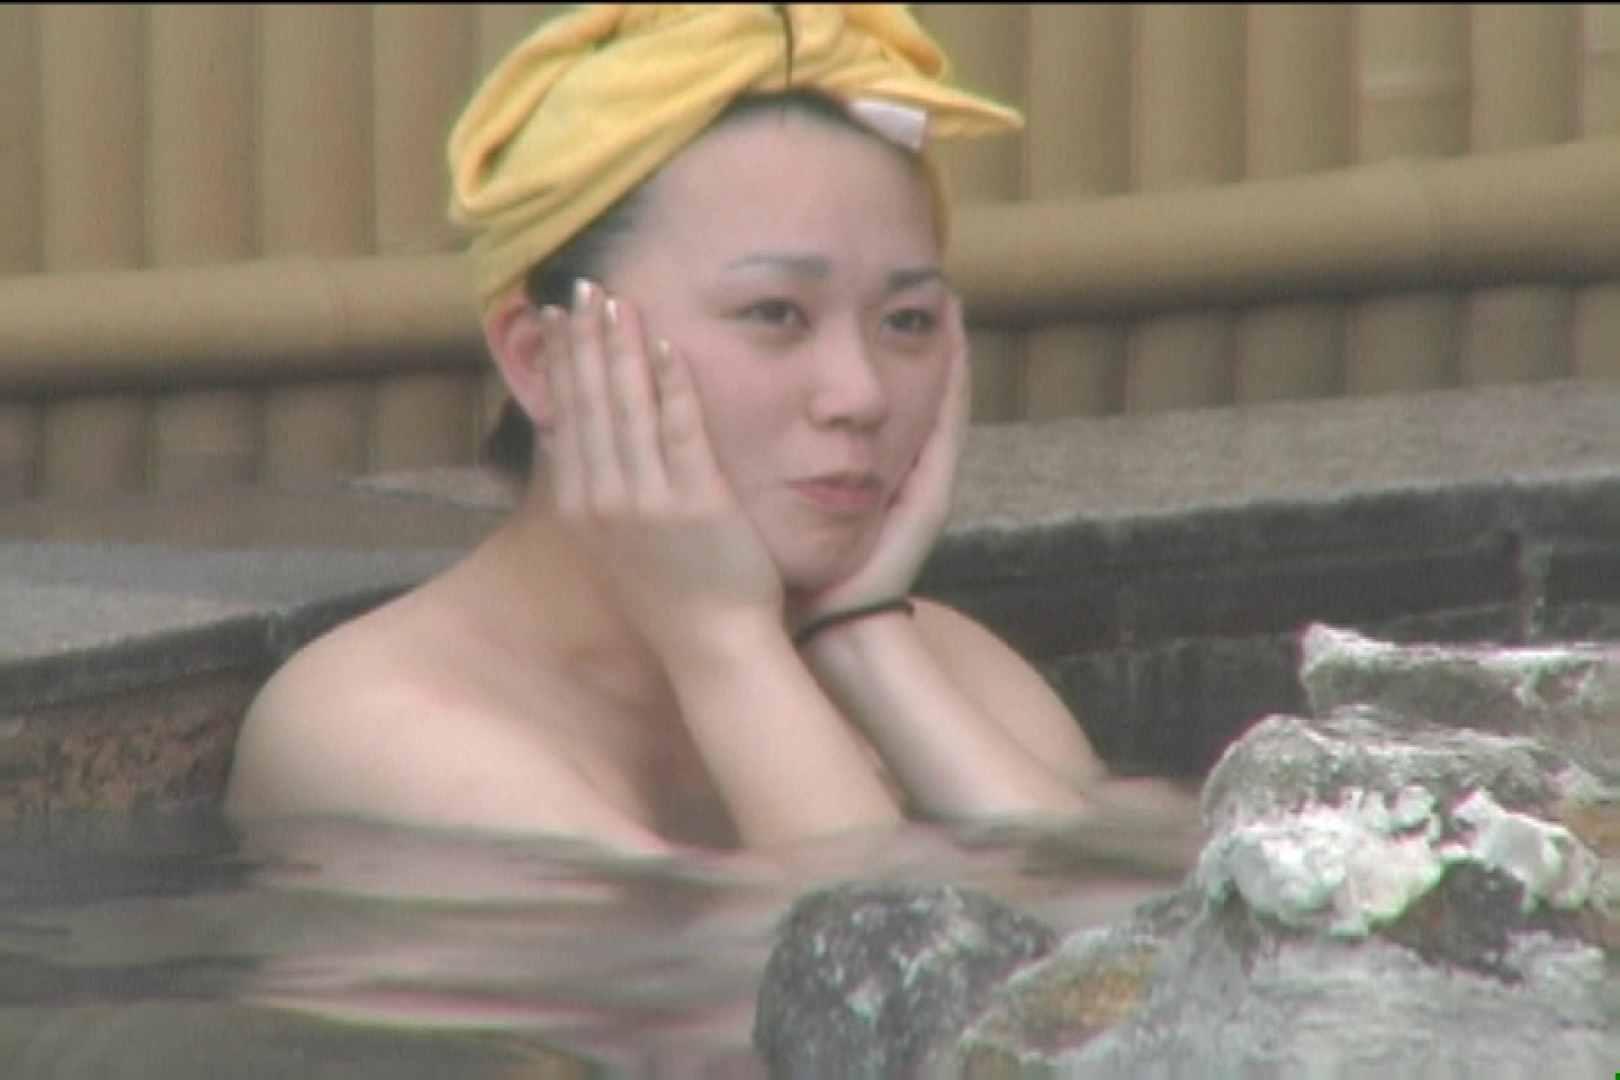 高画質露天女風呂観察 vol.018 高画質 | 露天風呂編  95PIX 25